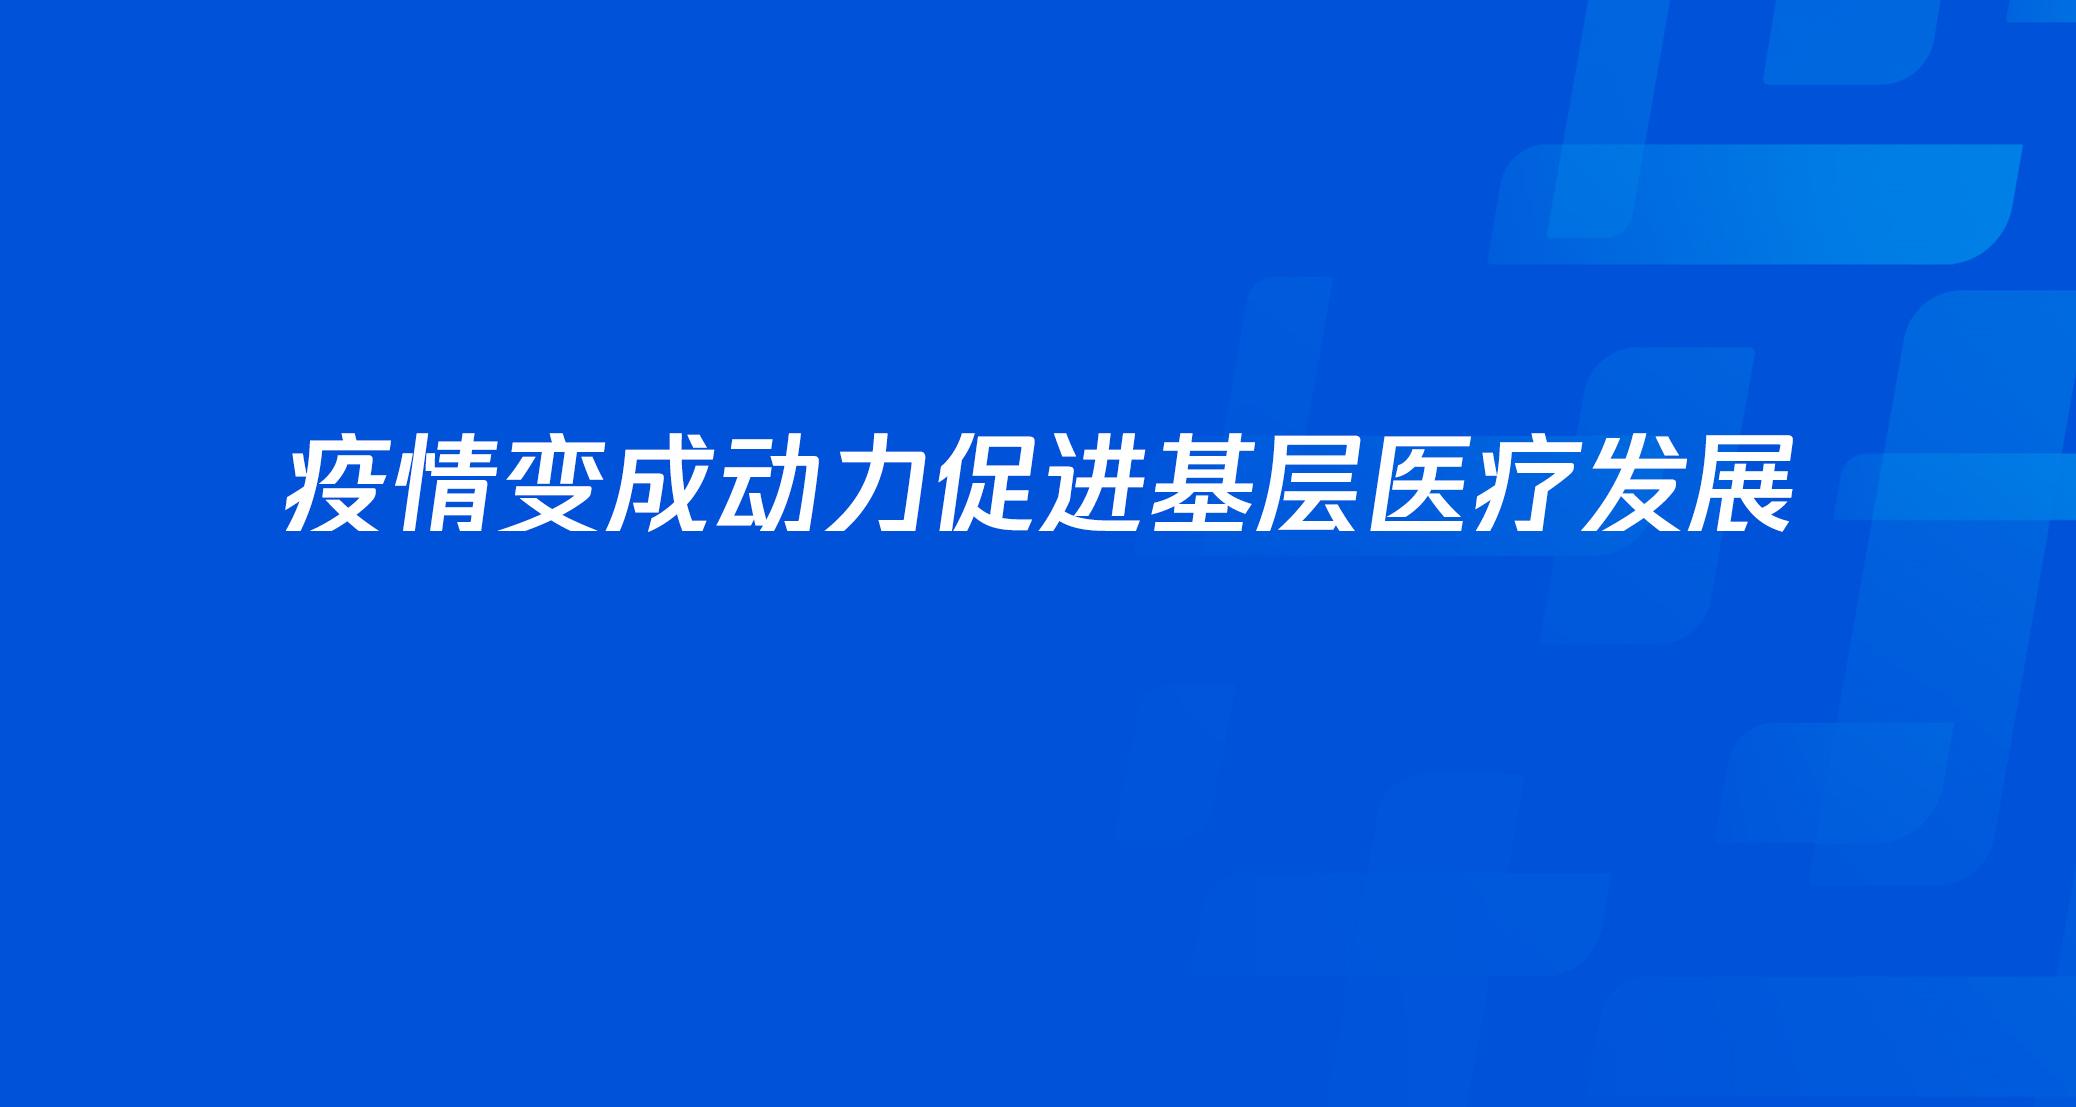 腾讯医疗副总裁吴文达:疫情变成动力促进基层医疗发展